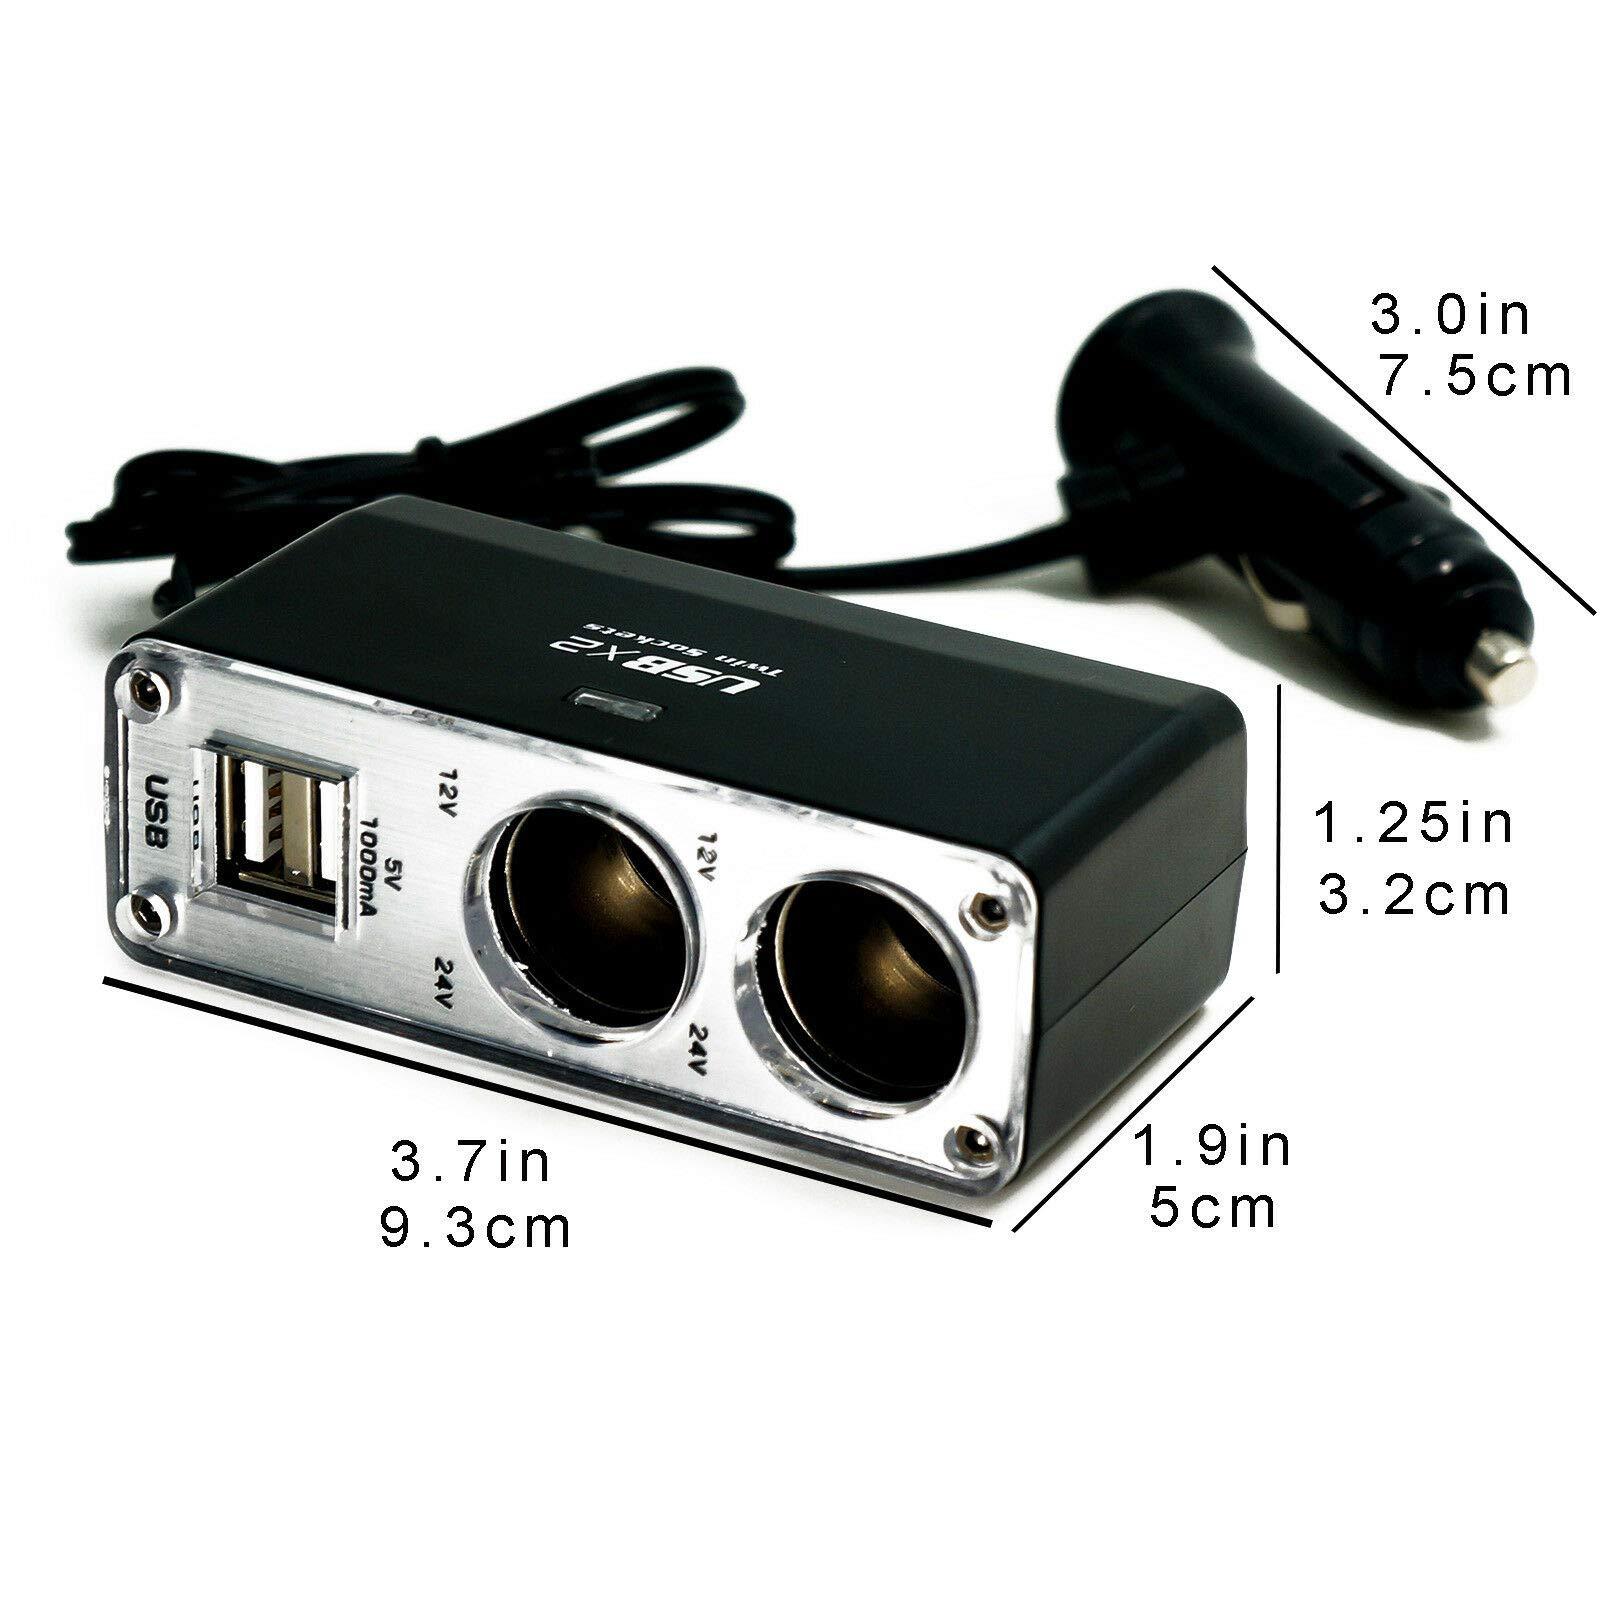 HERCHR Splitter, 12V Car Cigarette Lighter Charger Adapter Socket Dual USB Port 2 Way US, Black